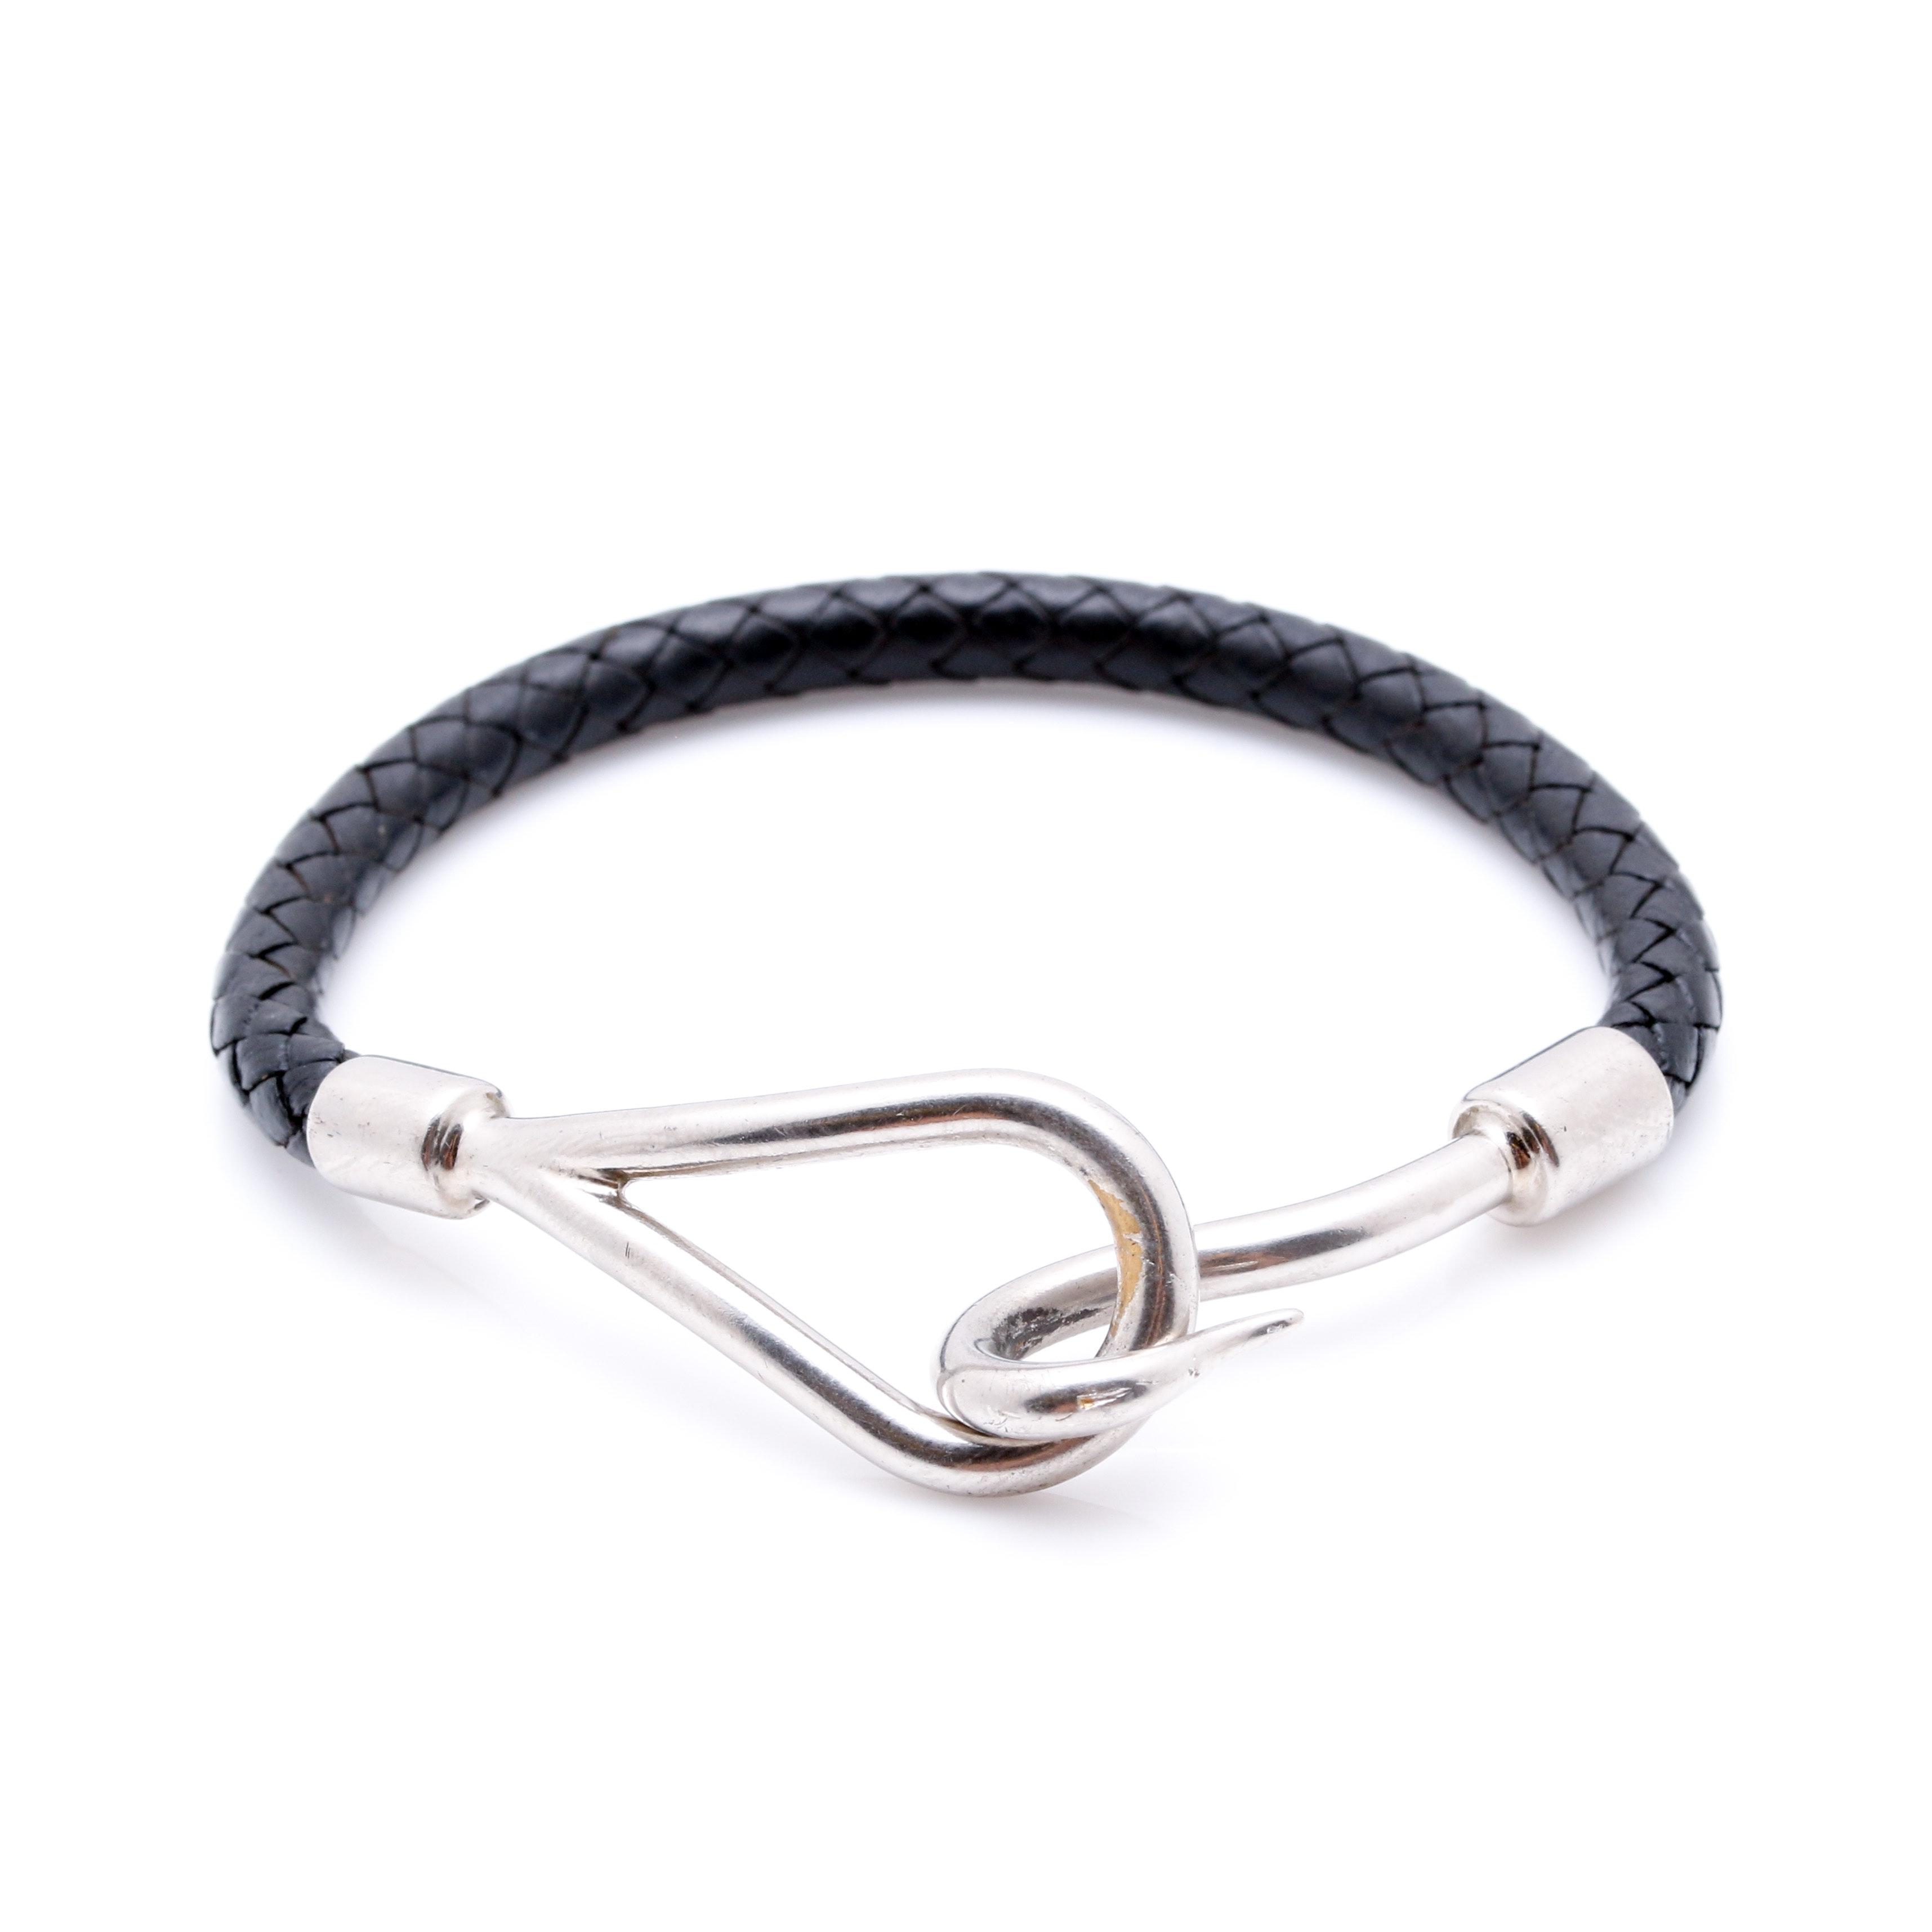 Hermés Jumbo Hook Black Leather Bracelet